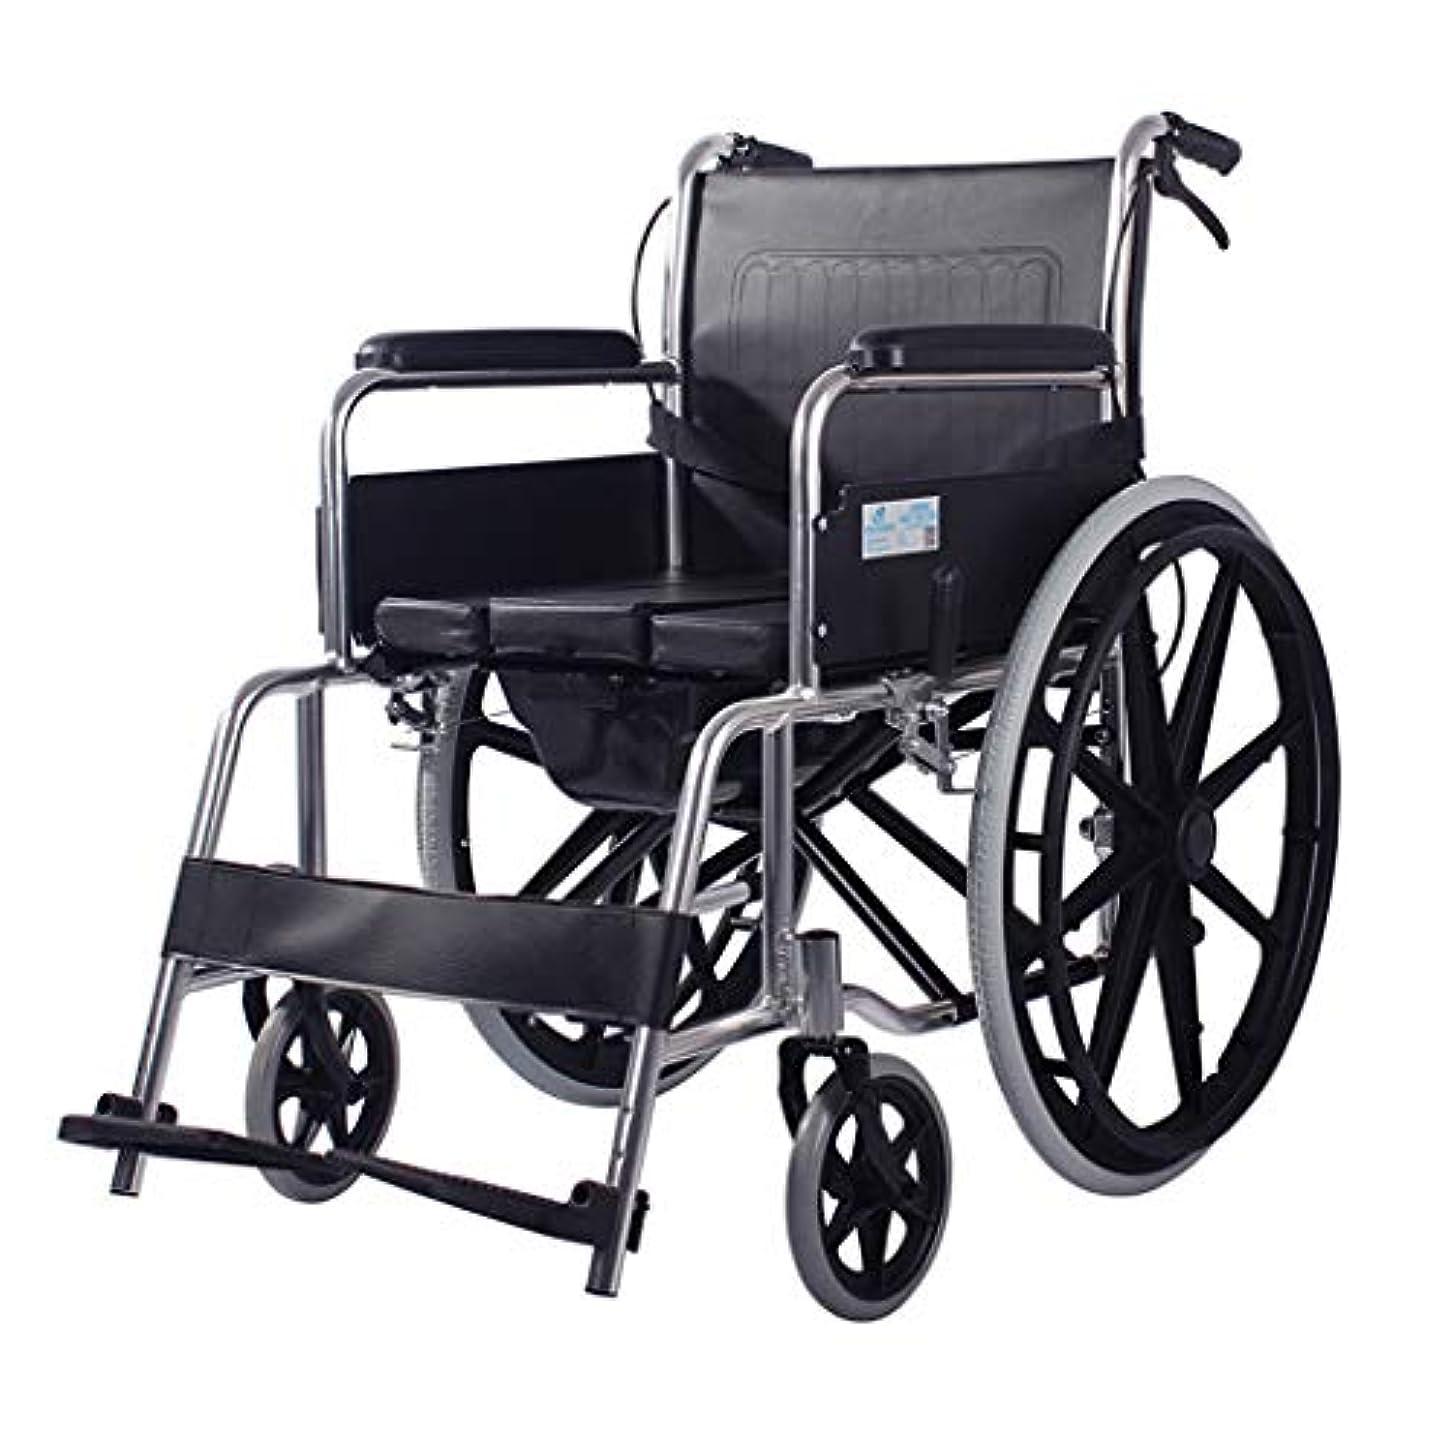 不安写真を撮る電気車椅子折りたたみ式および4ブレーキ設計、高齢者および身体障害者用のモバイルトイレ